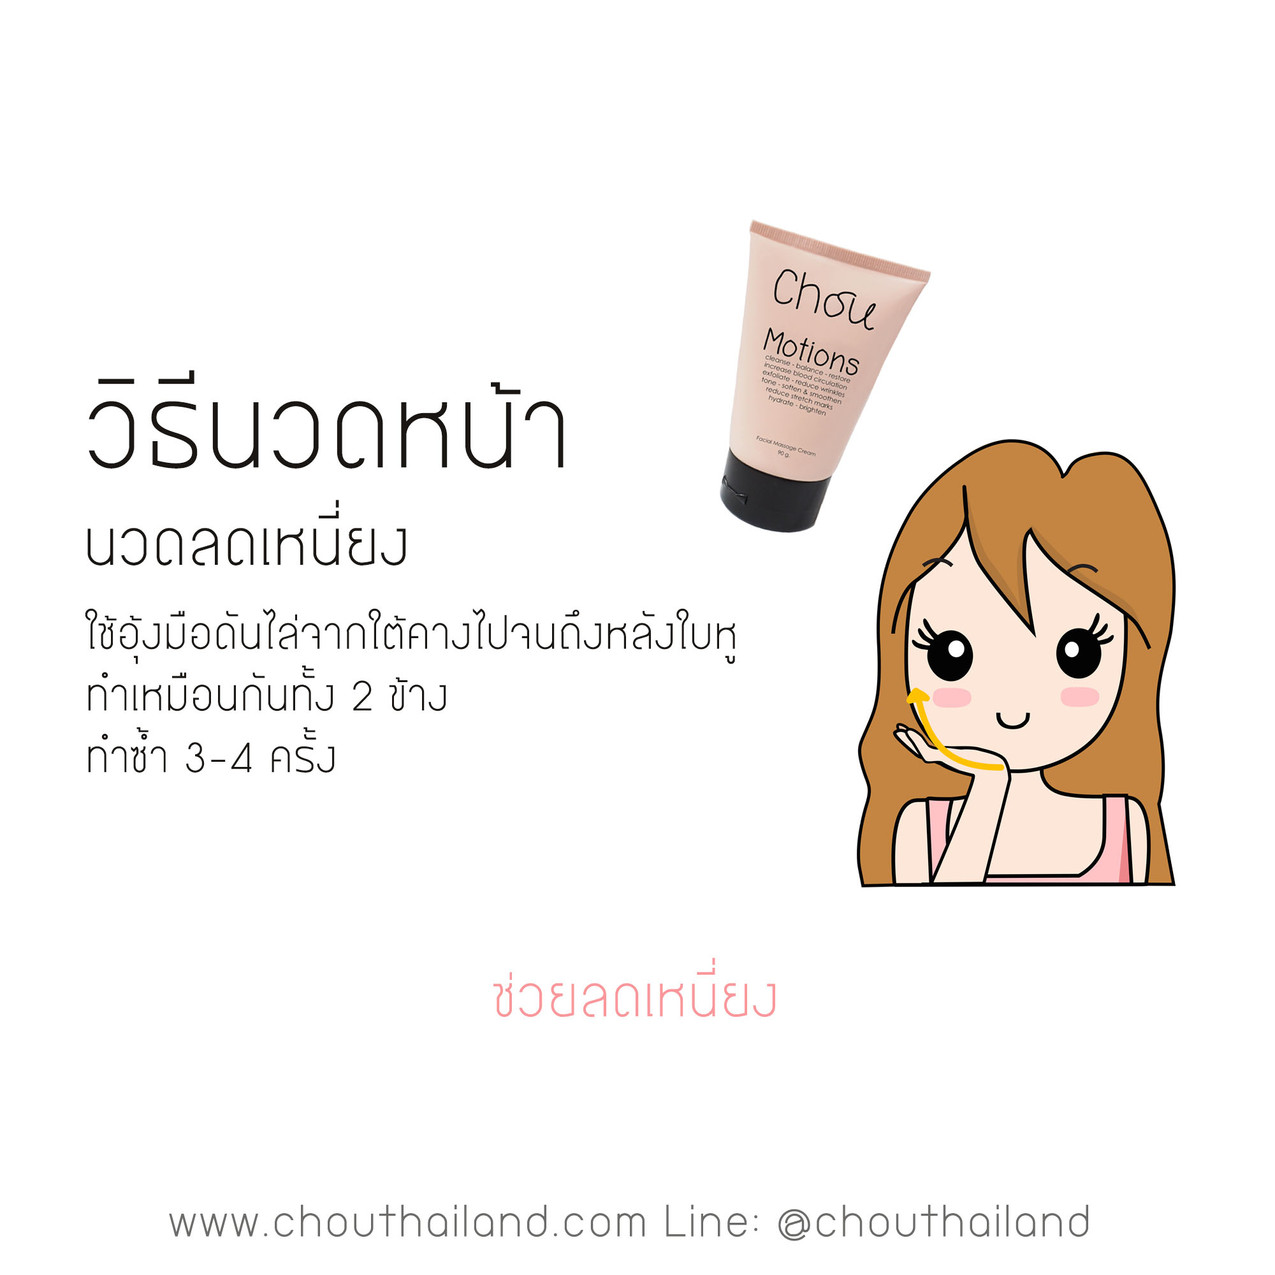 Motions Massage cream 12 double chin massage